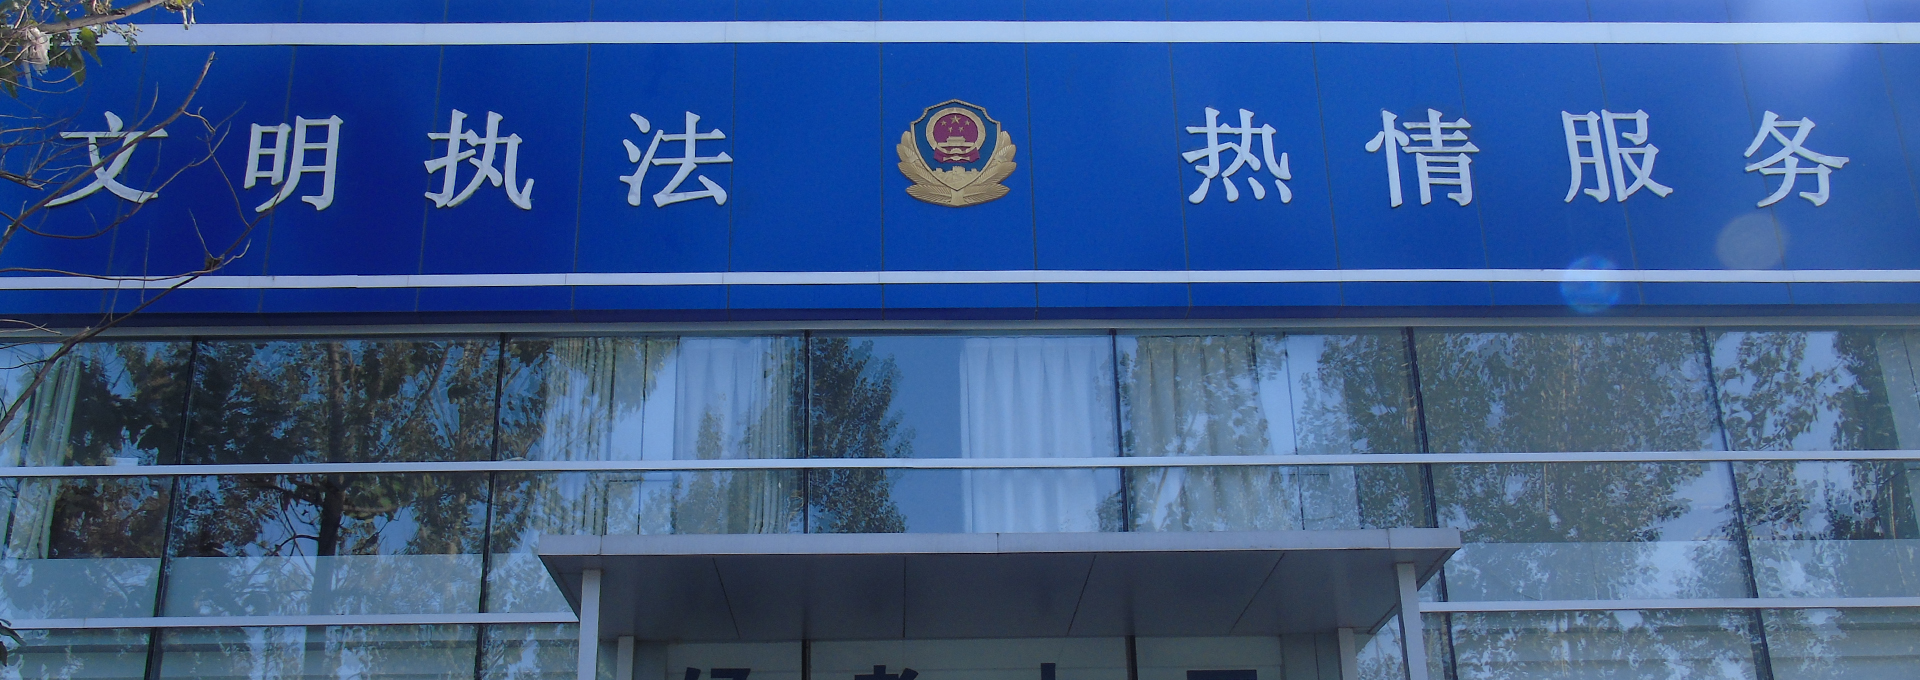 平山 科目 三 考试 分 场 位于 河北 省 平山 县 平山 ...